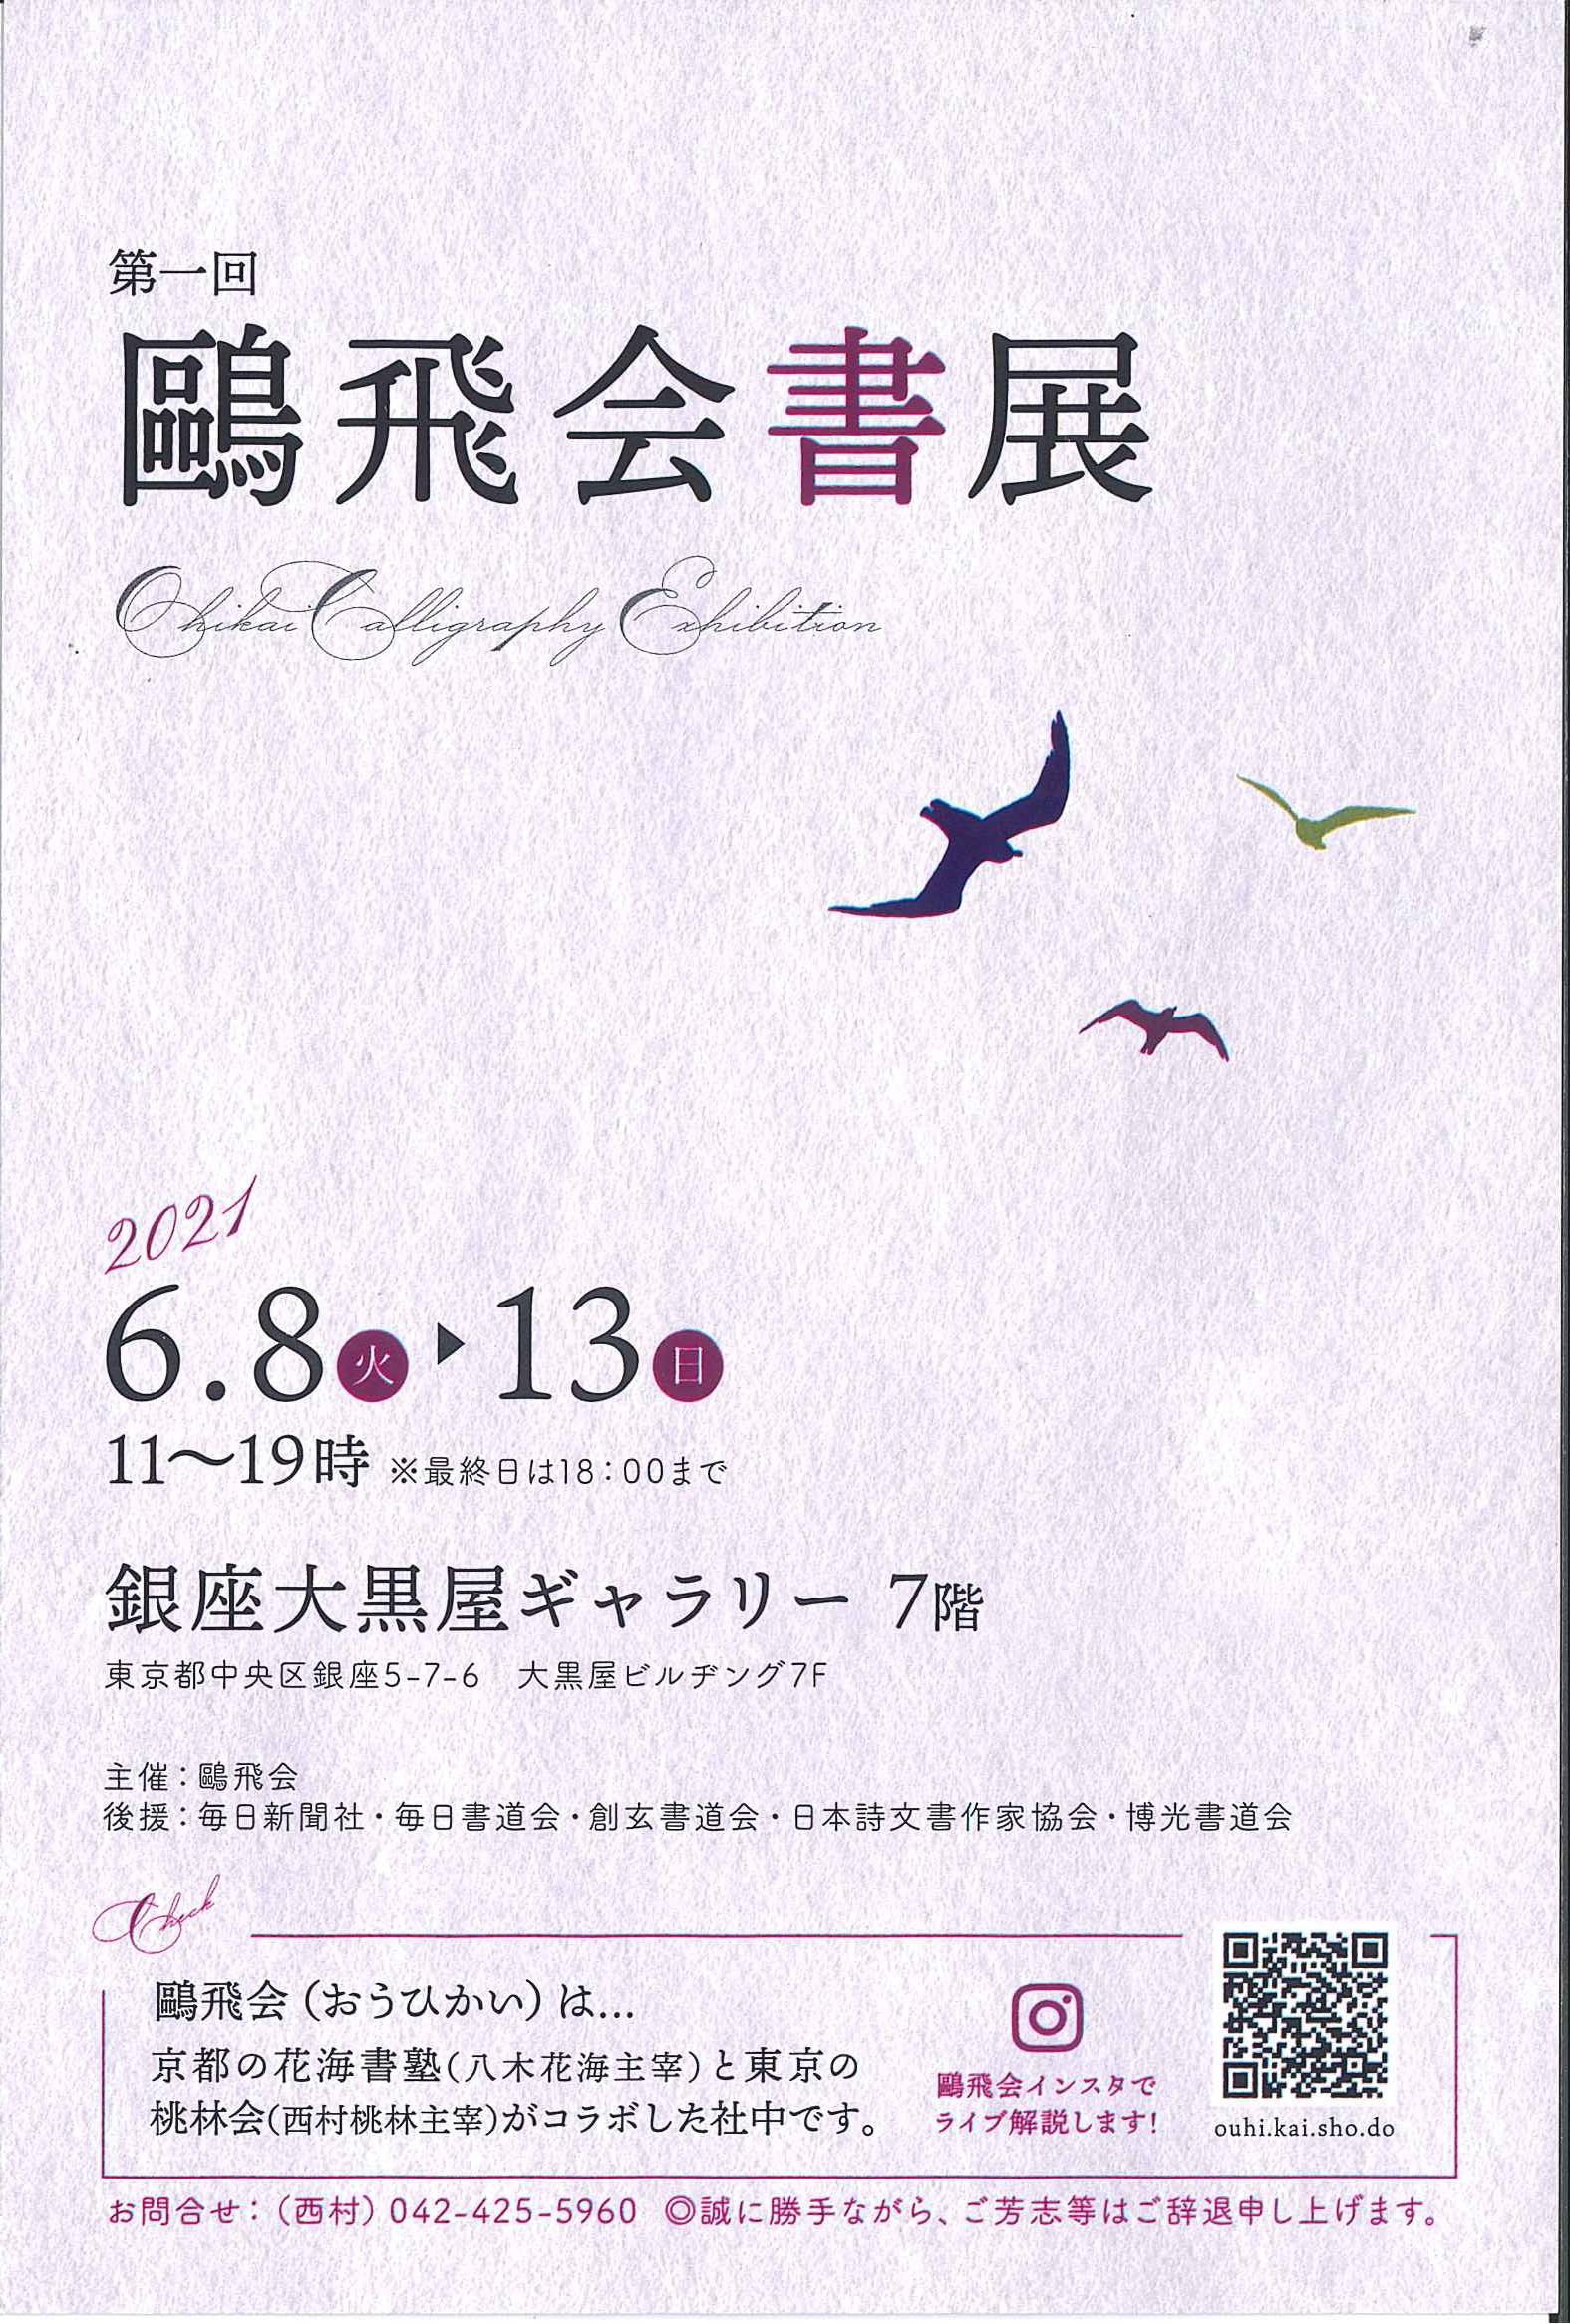 http://www.sogen.or.jp/letter/2021/04/26/20210426135800695_0001.jpg